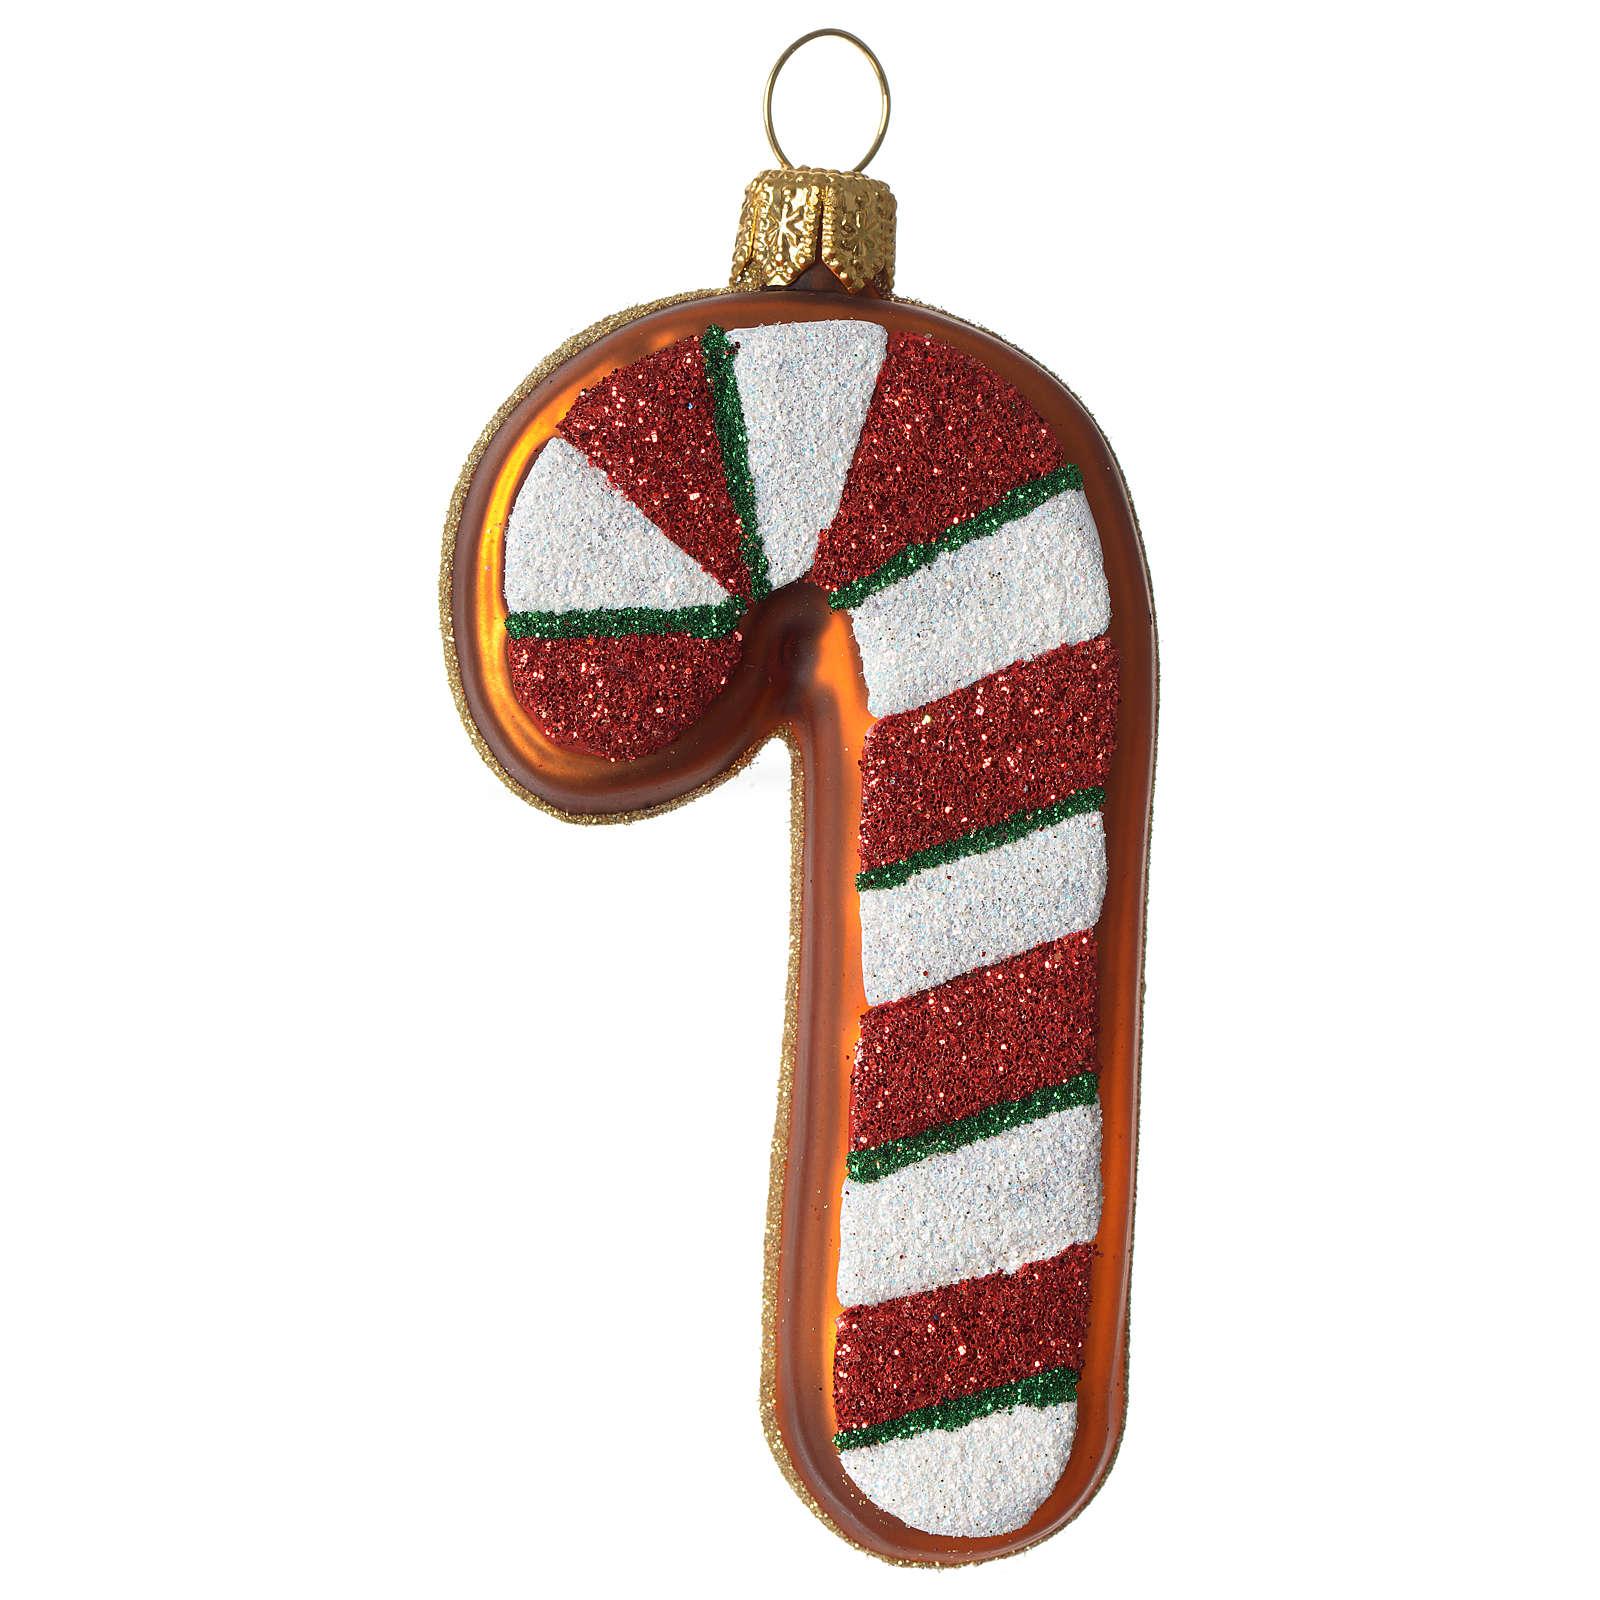 Bâton sucre d'orge décoration verre soufflé Sapin Noël 4